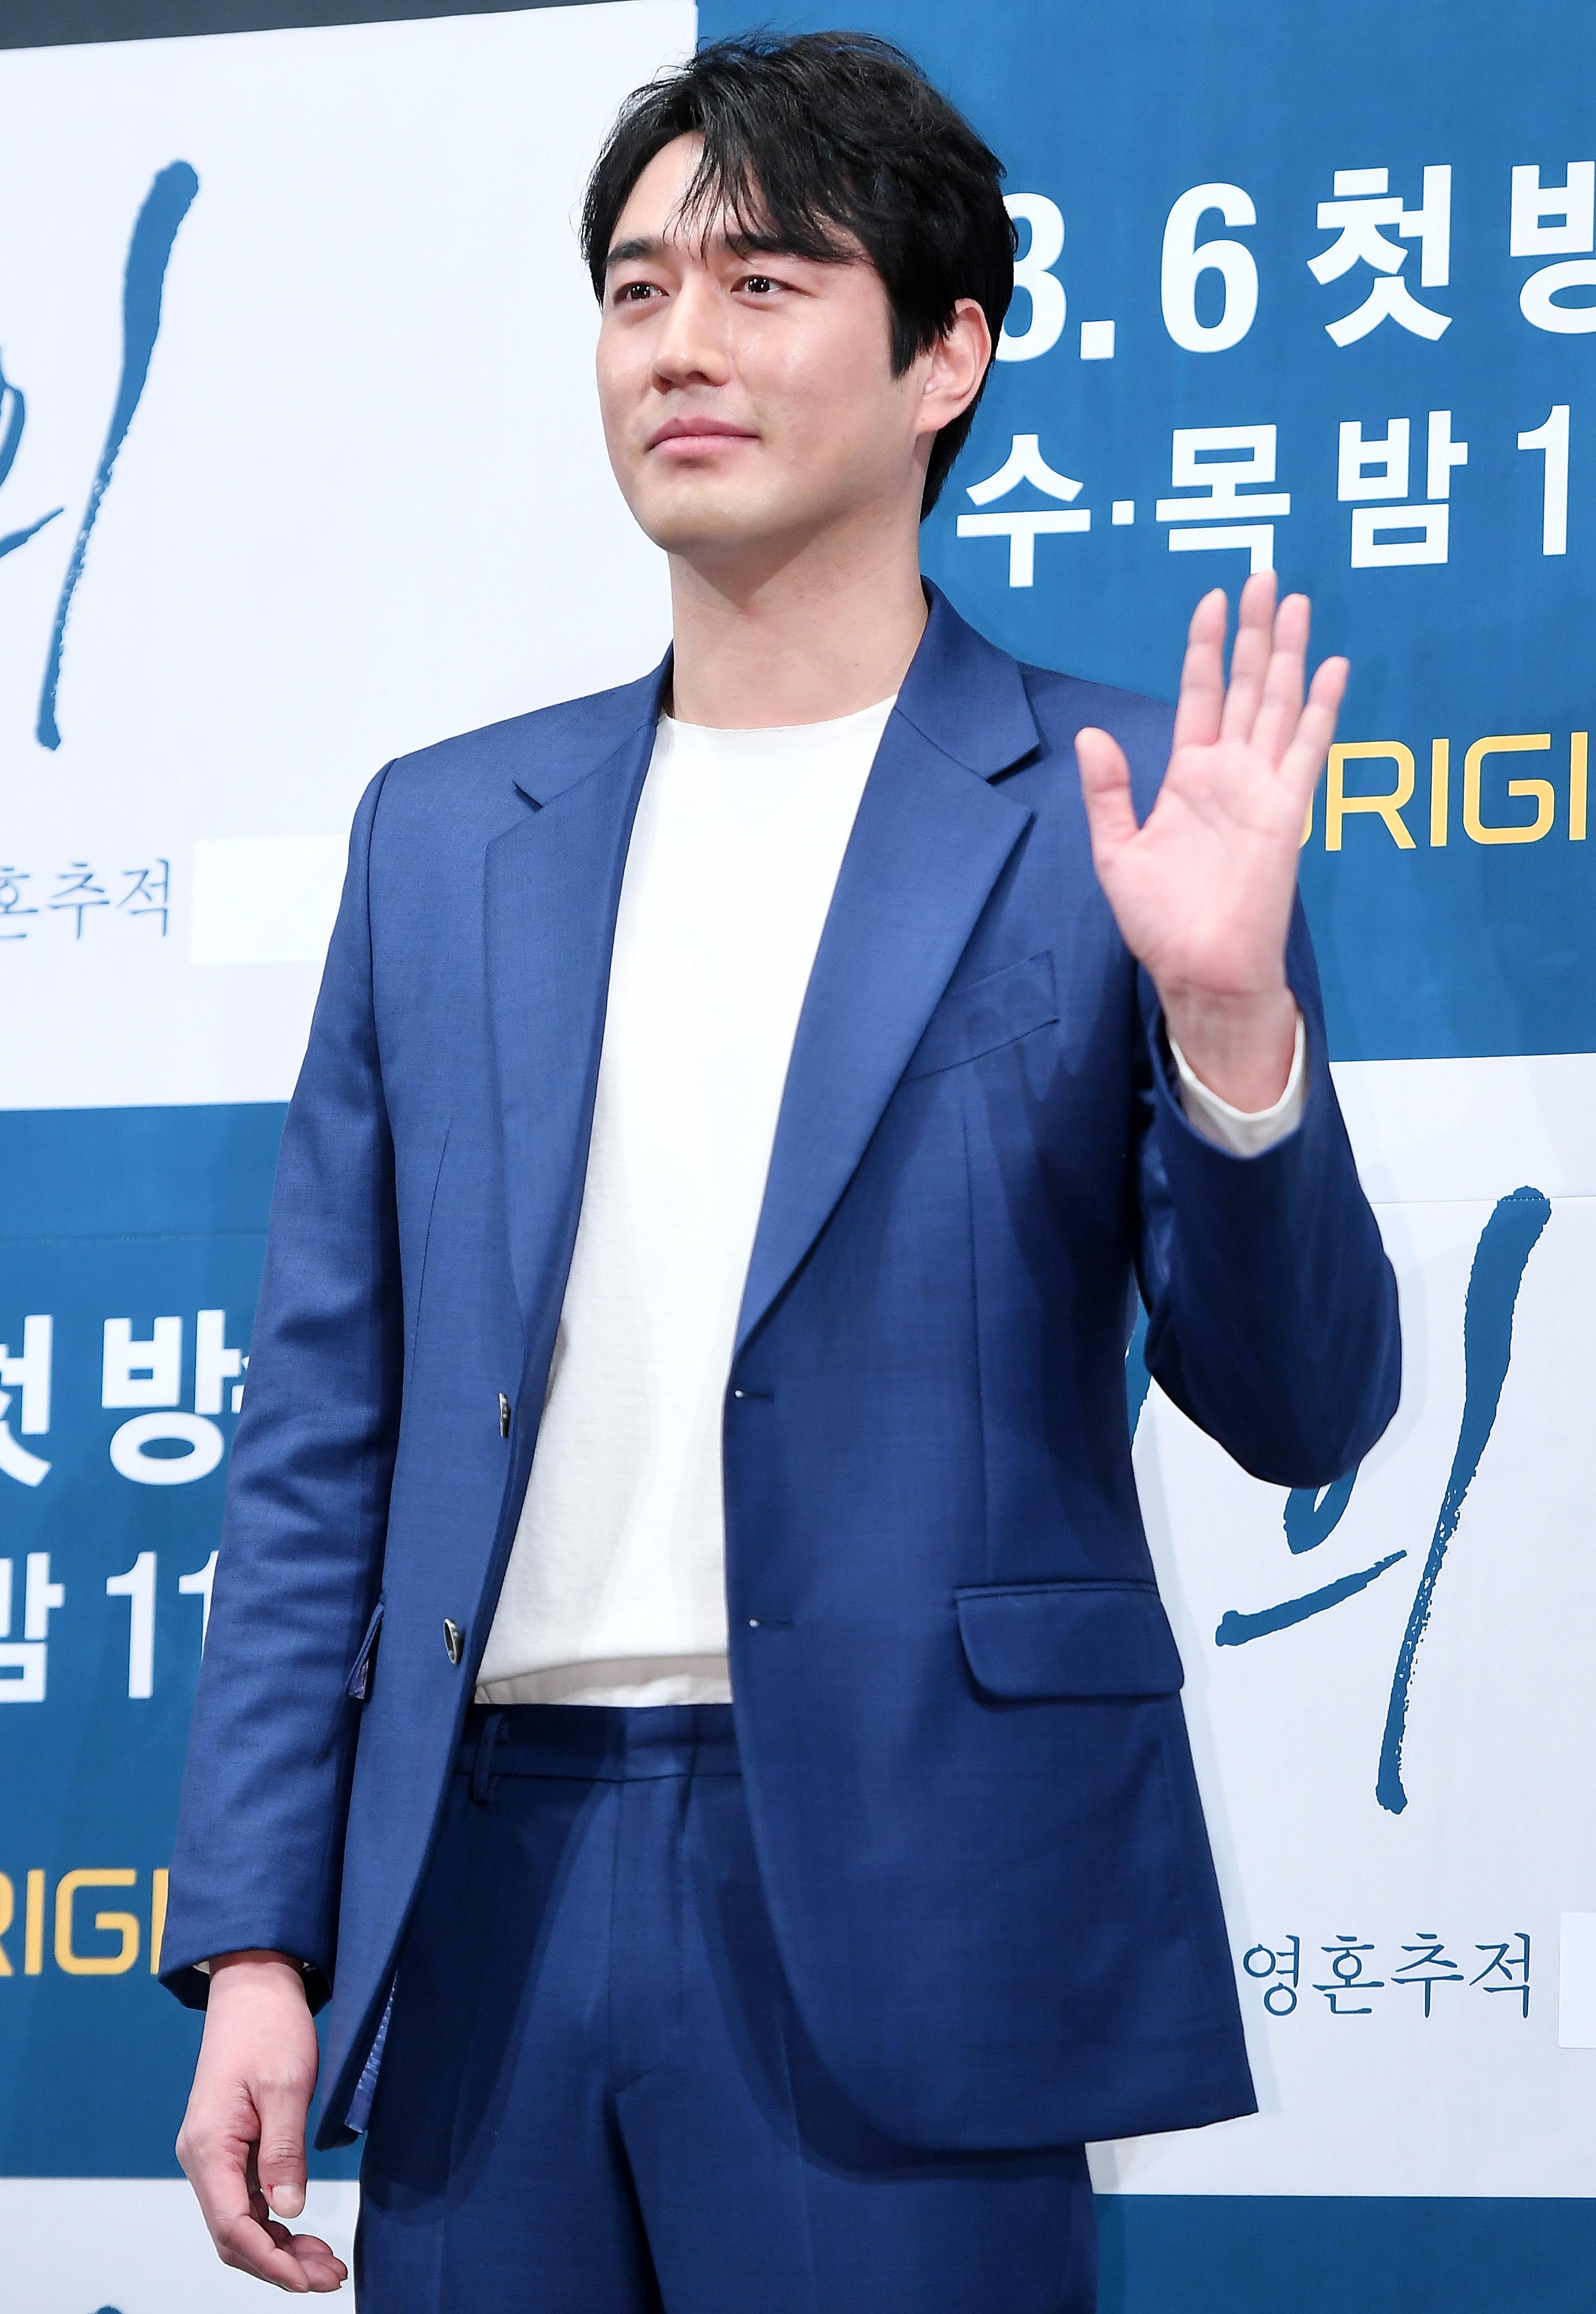 """[단독] """"임동규와 달라""""...조한선 '전참시' 출연, 예능 속 반전 매력 기대"""